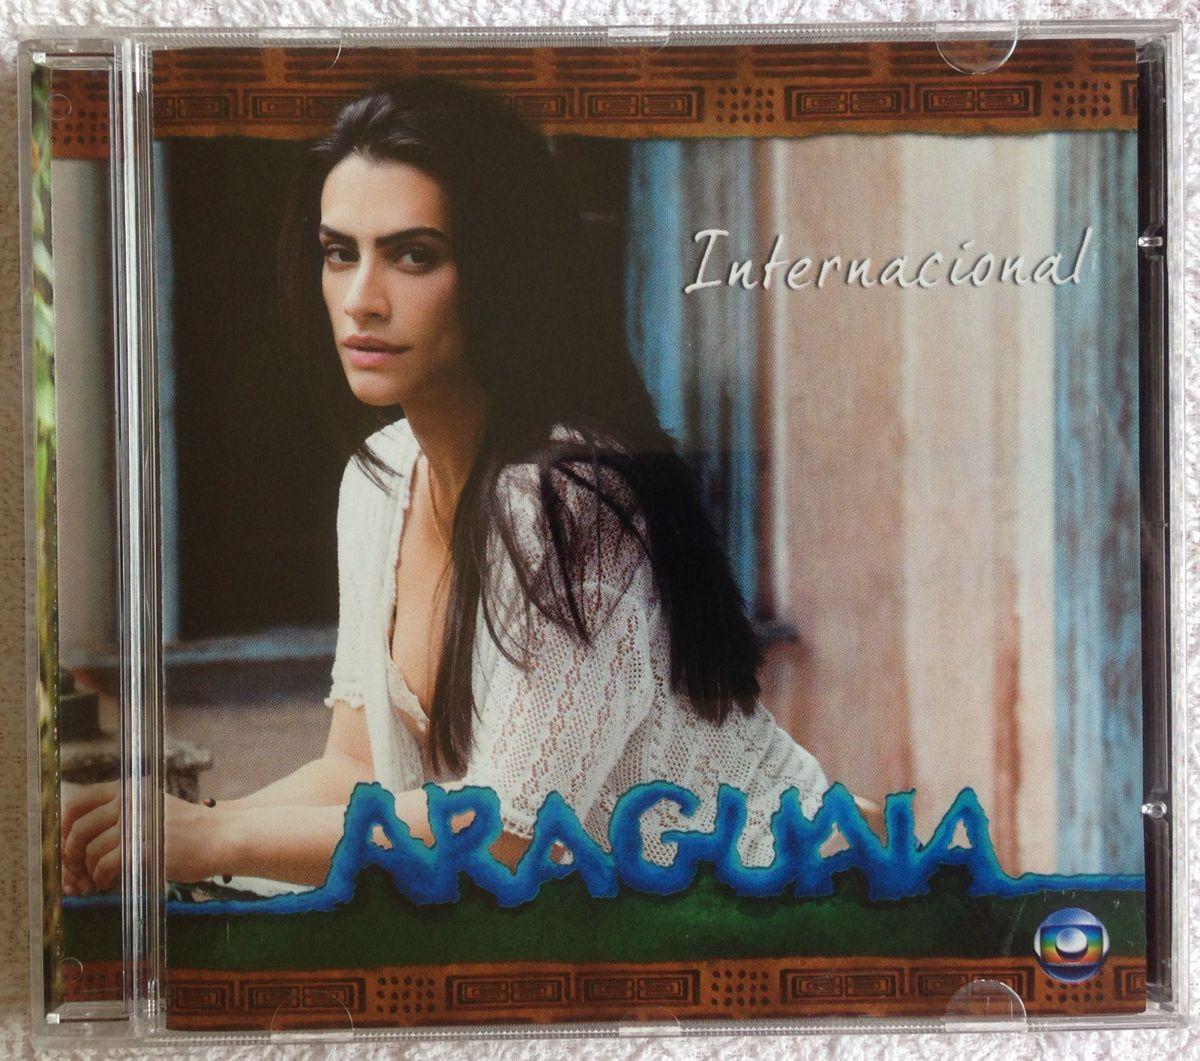 cd mp3 da novela araguaia